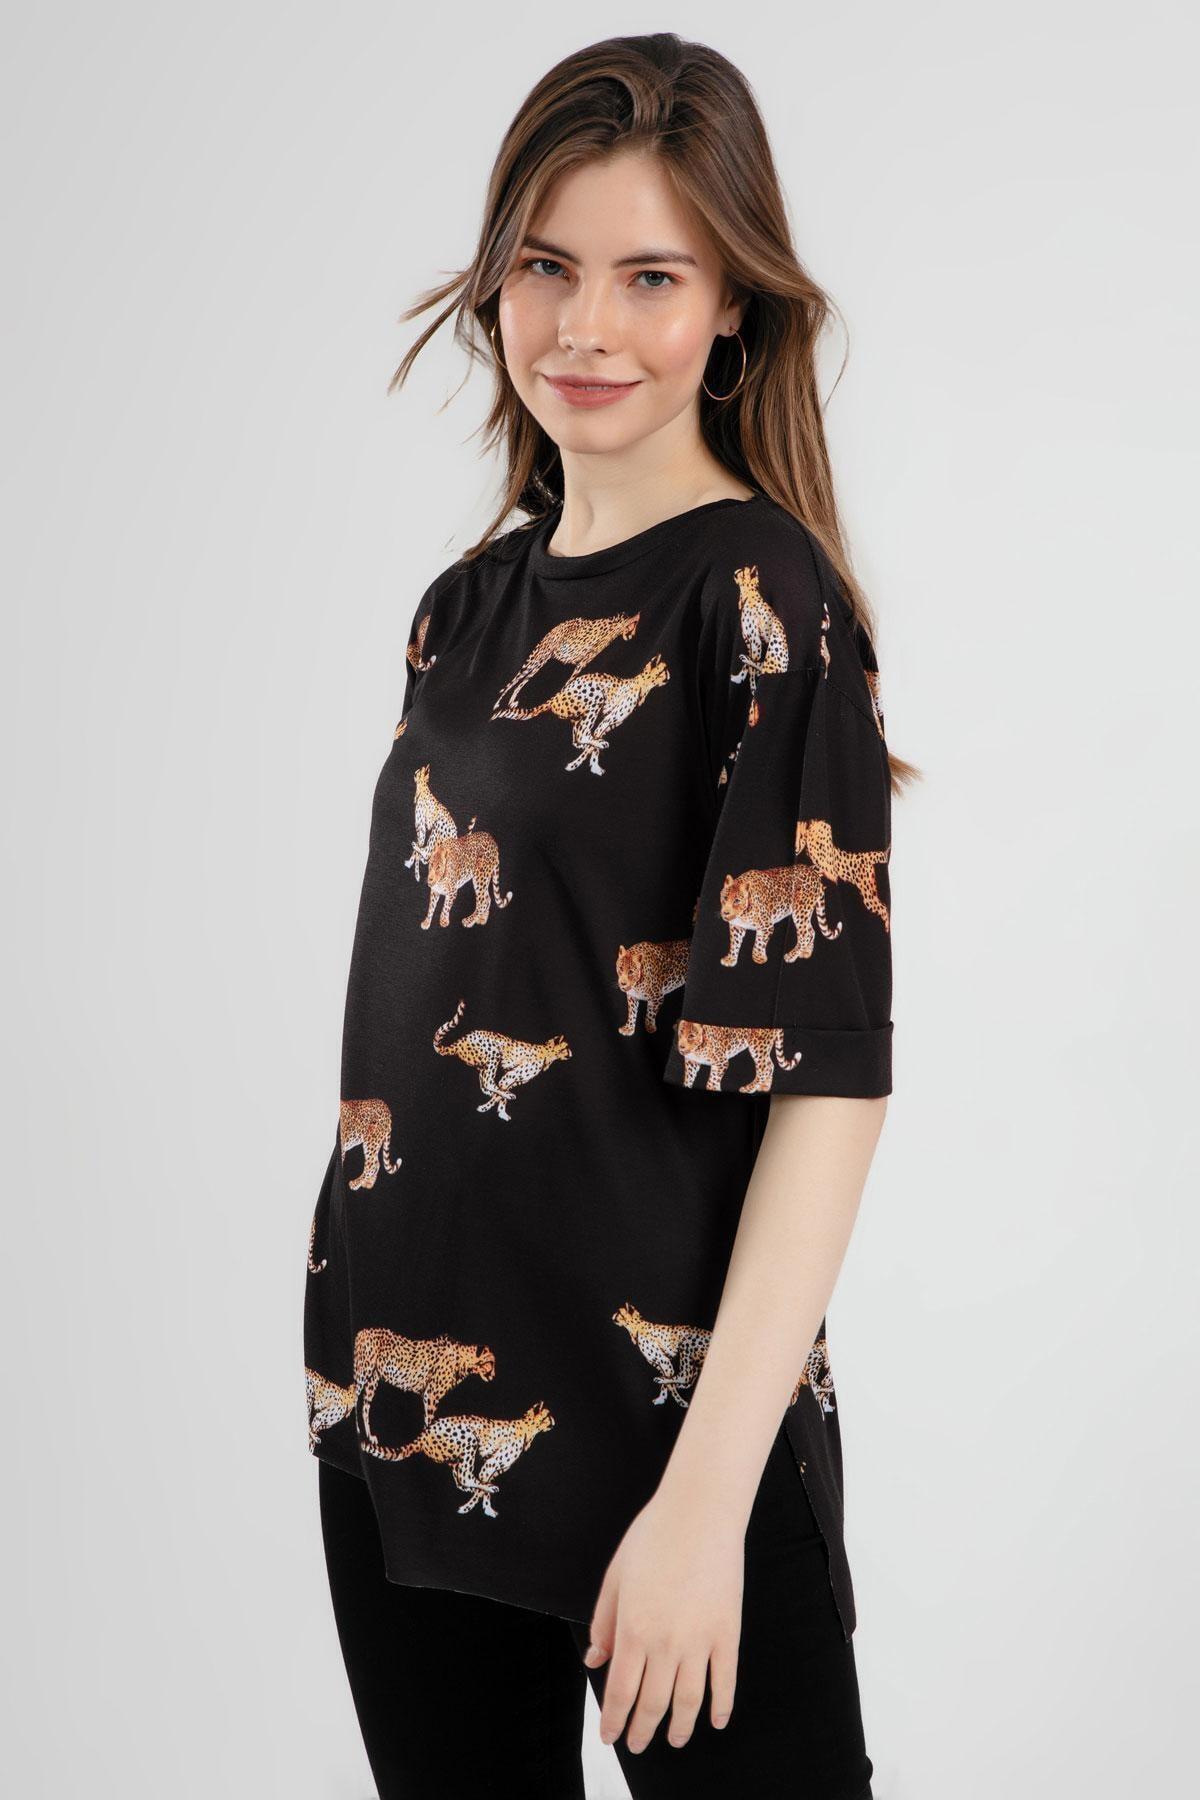 Pattaya Kadın Çita Baskılı Yırtmaçlı Kısa Kollu Tişört Y20s110-4133 2